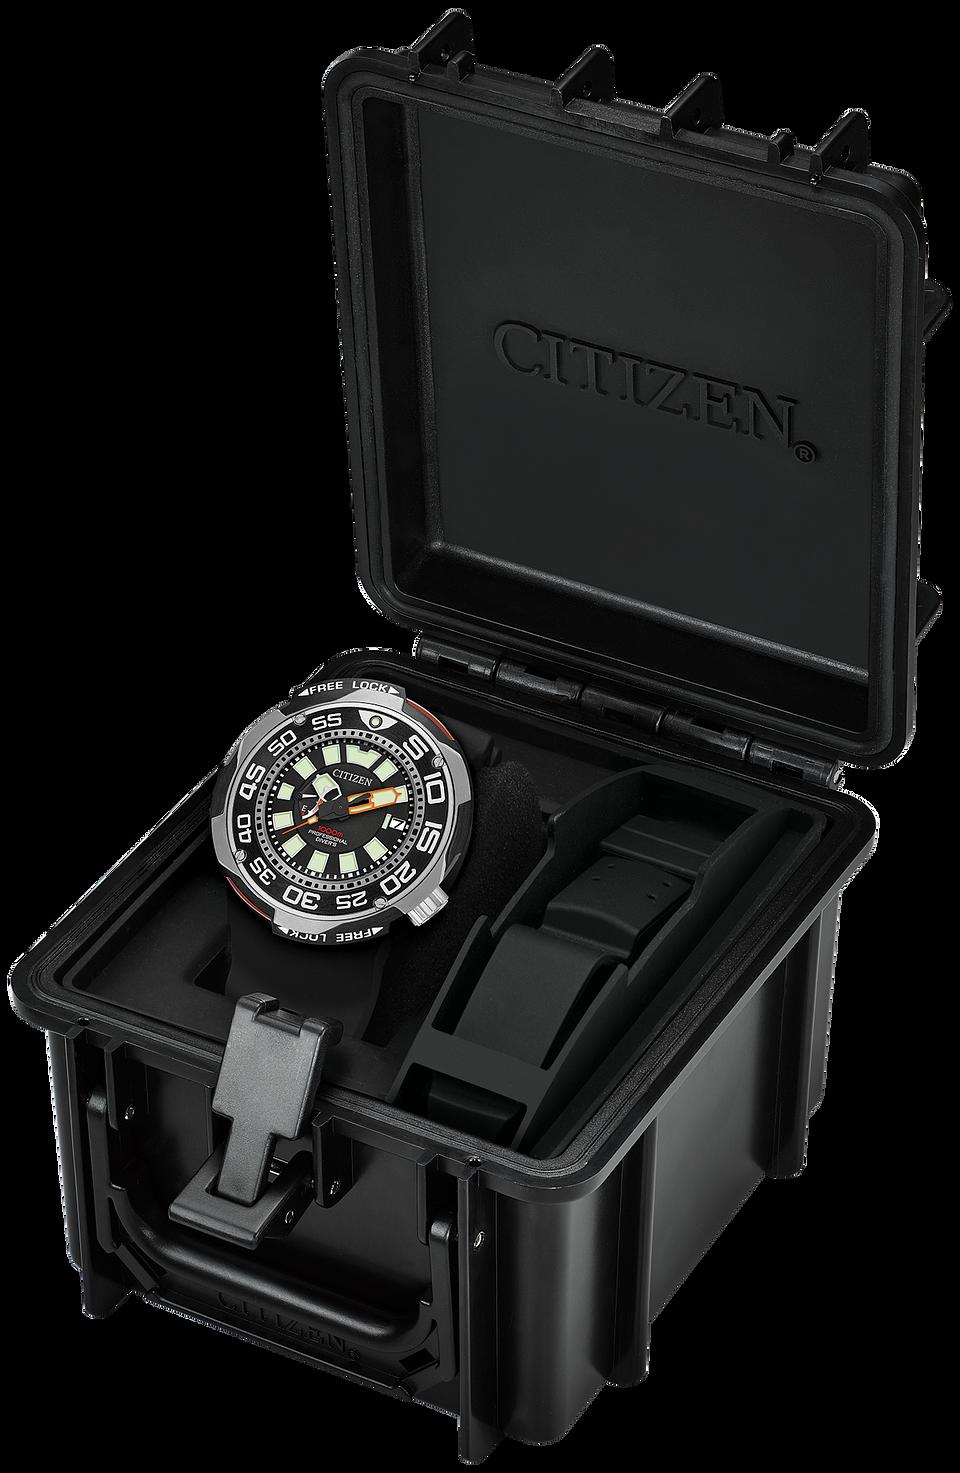 04d19c334dc Promaster 1000M Pro Diver - Men s Eco-Drive Titanium Dive Watch ...